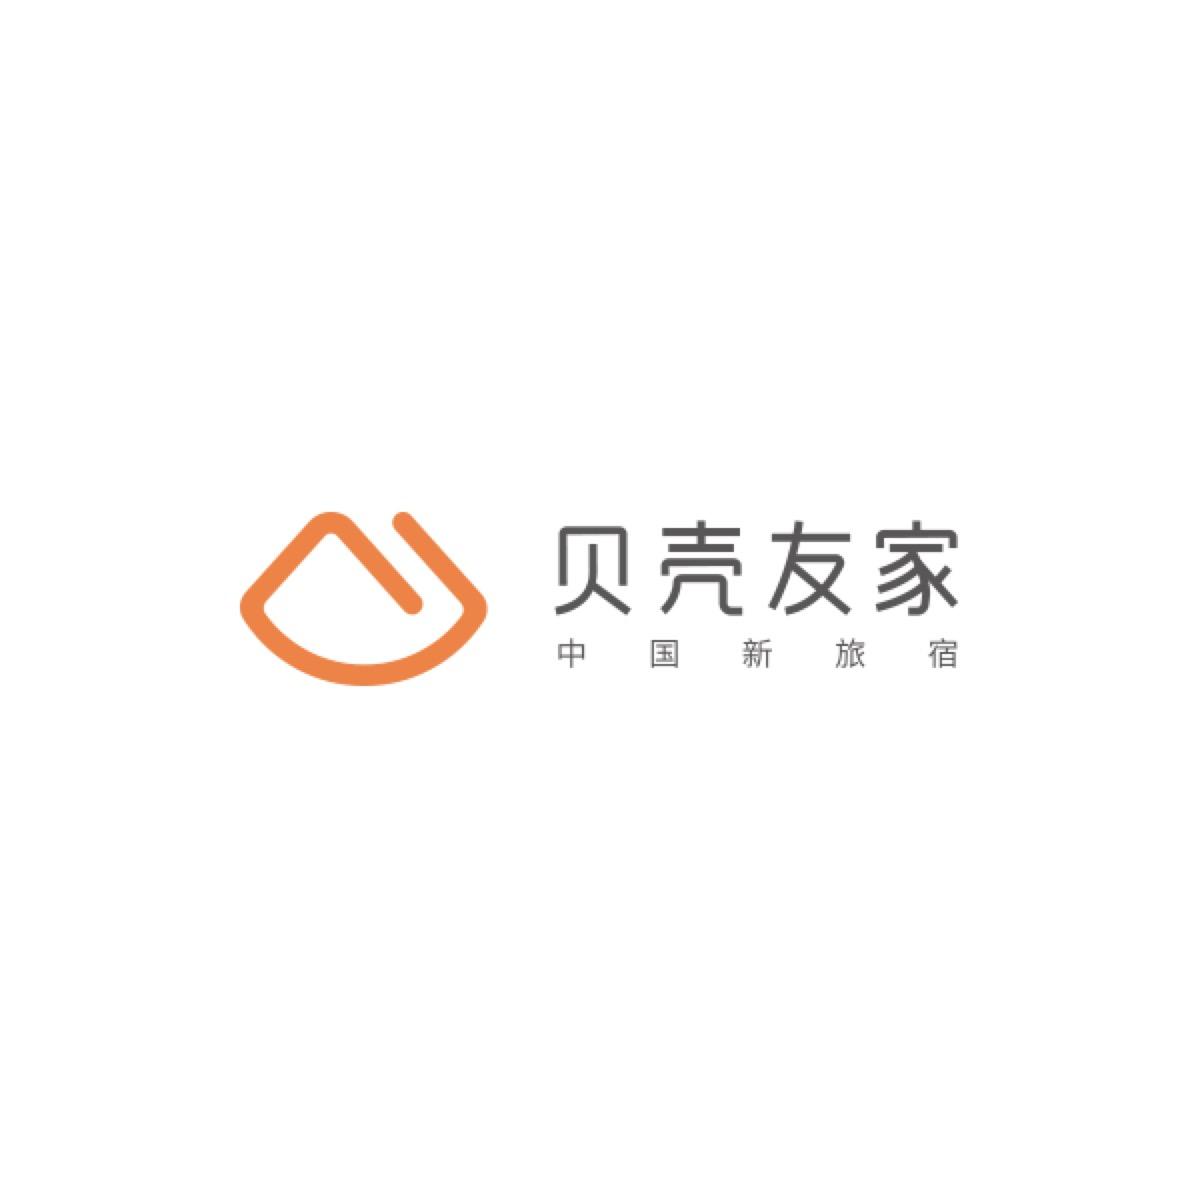 北京贝壳友家科技有限公司